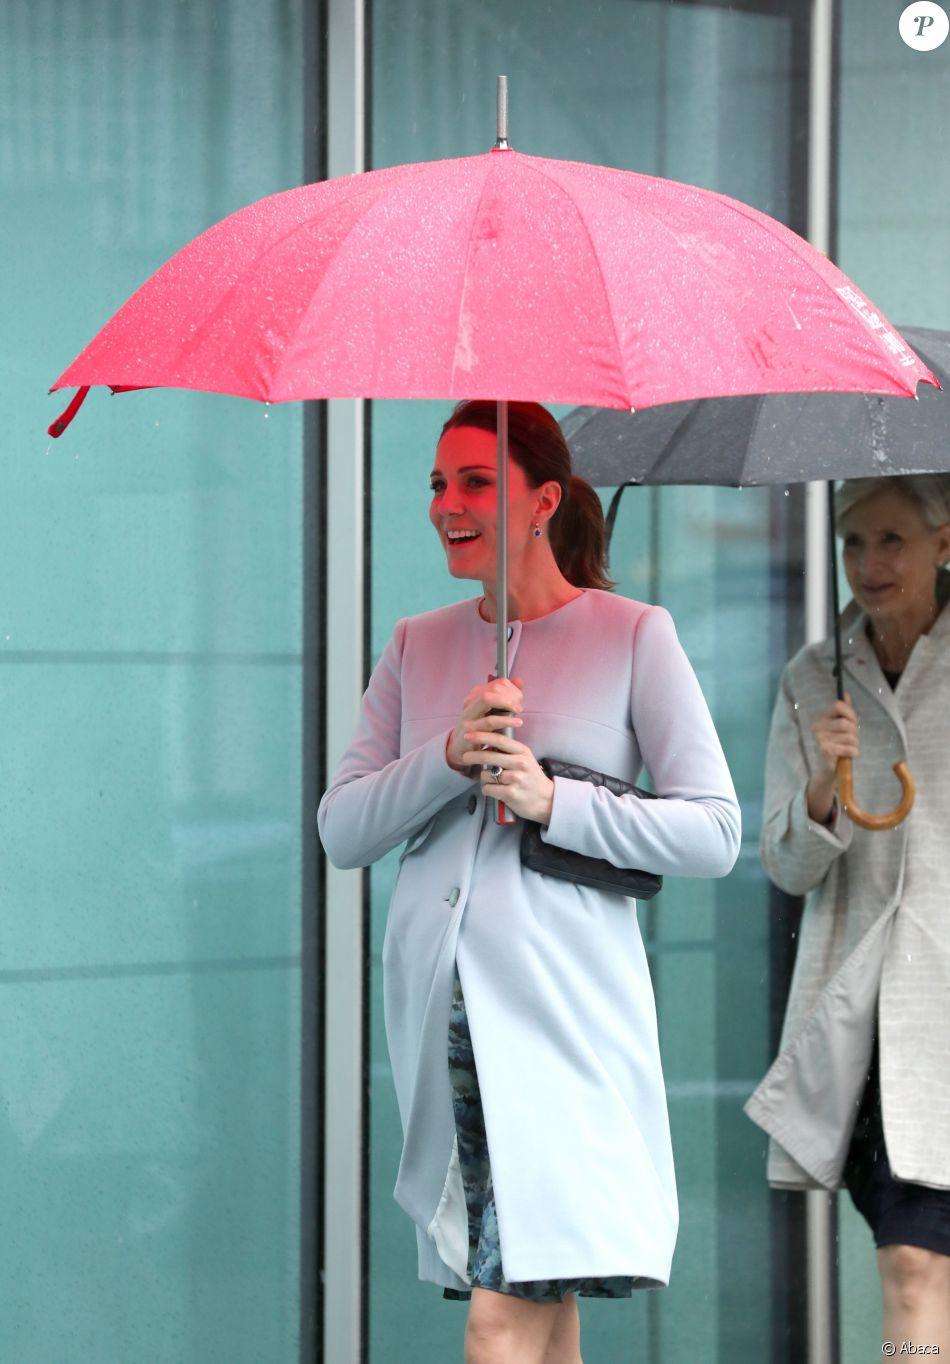 La duchesse Catherine de Cambridge, enceinte et en manteau Seraphine, visitait le 24 janvier 2018 l'Institut de Psychiatrie, Psychologie et Neurosciences au King's College à Londres.